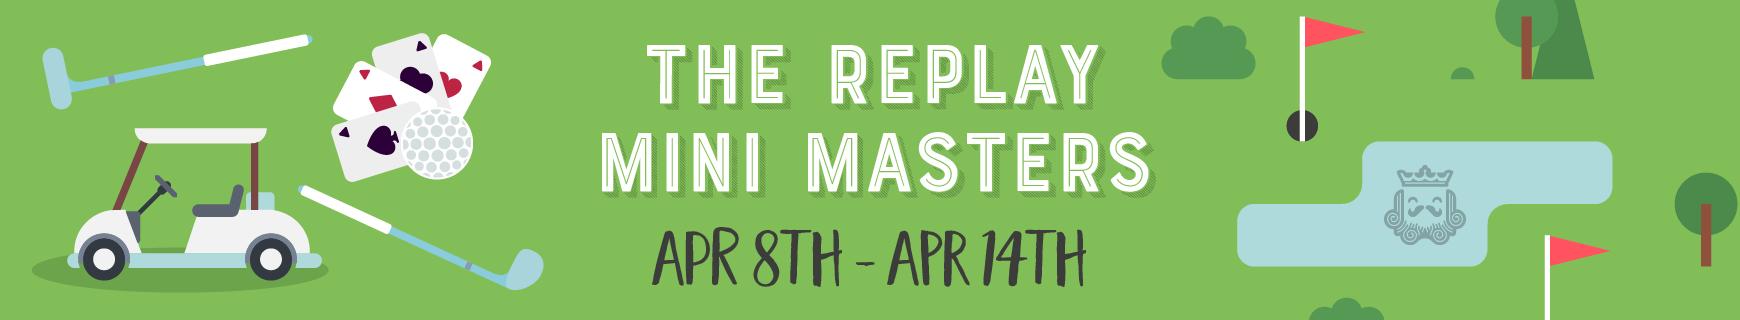 The replay mini masters %28870 x 160%29 2x